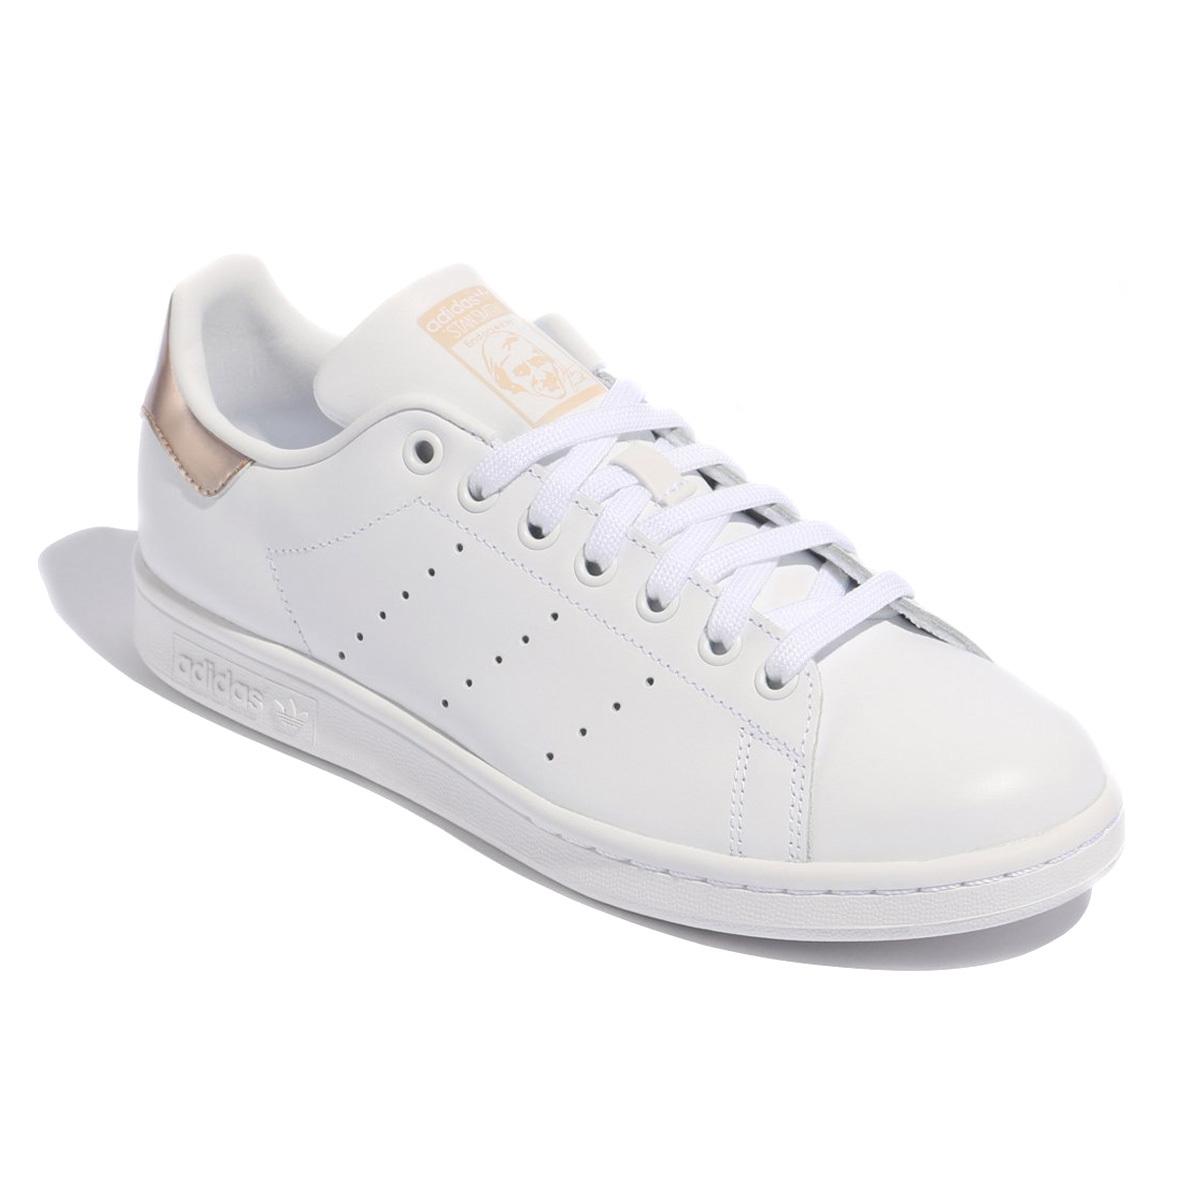 【新品 即日発送】 adidas originals STAN SMITH アディダス スタンスミス ホワイト ゴールド 26.0cm